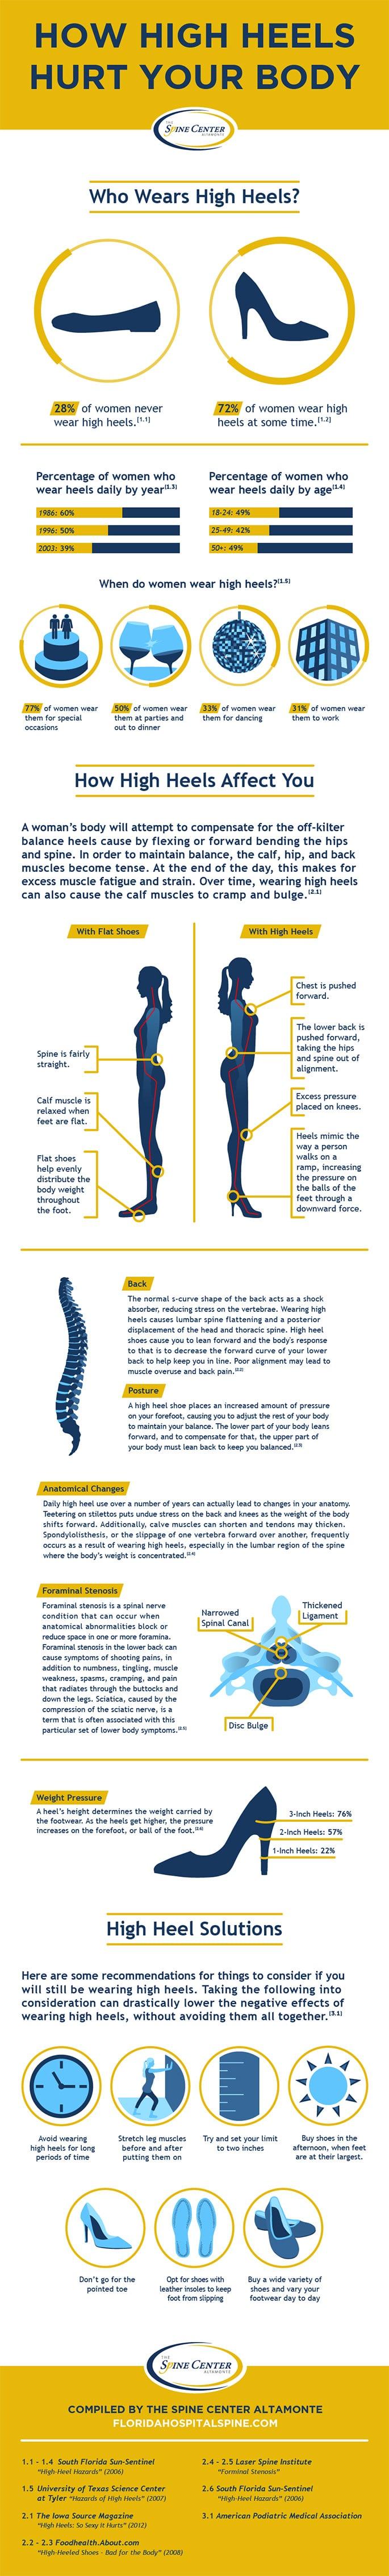 high-heels-hurt-your-body